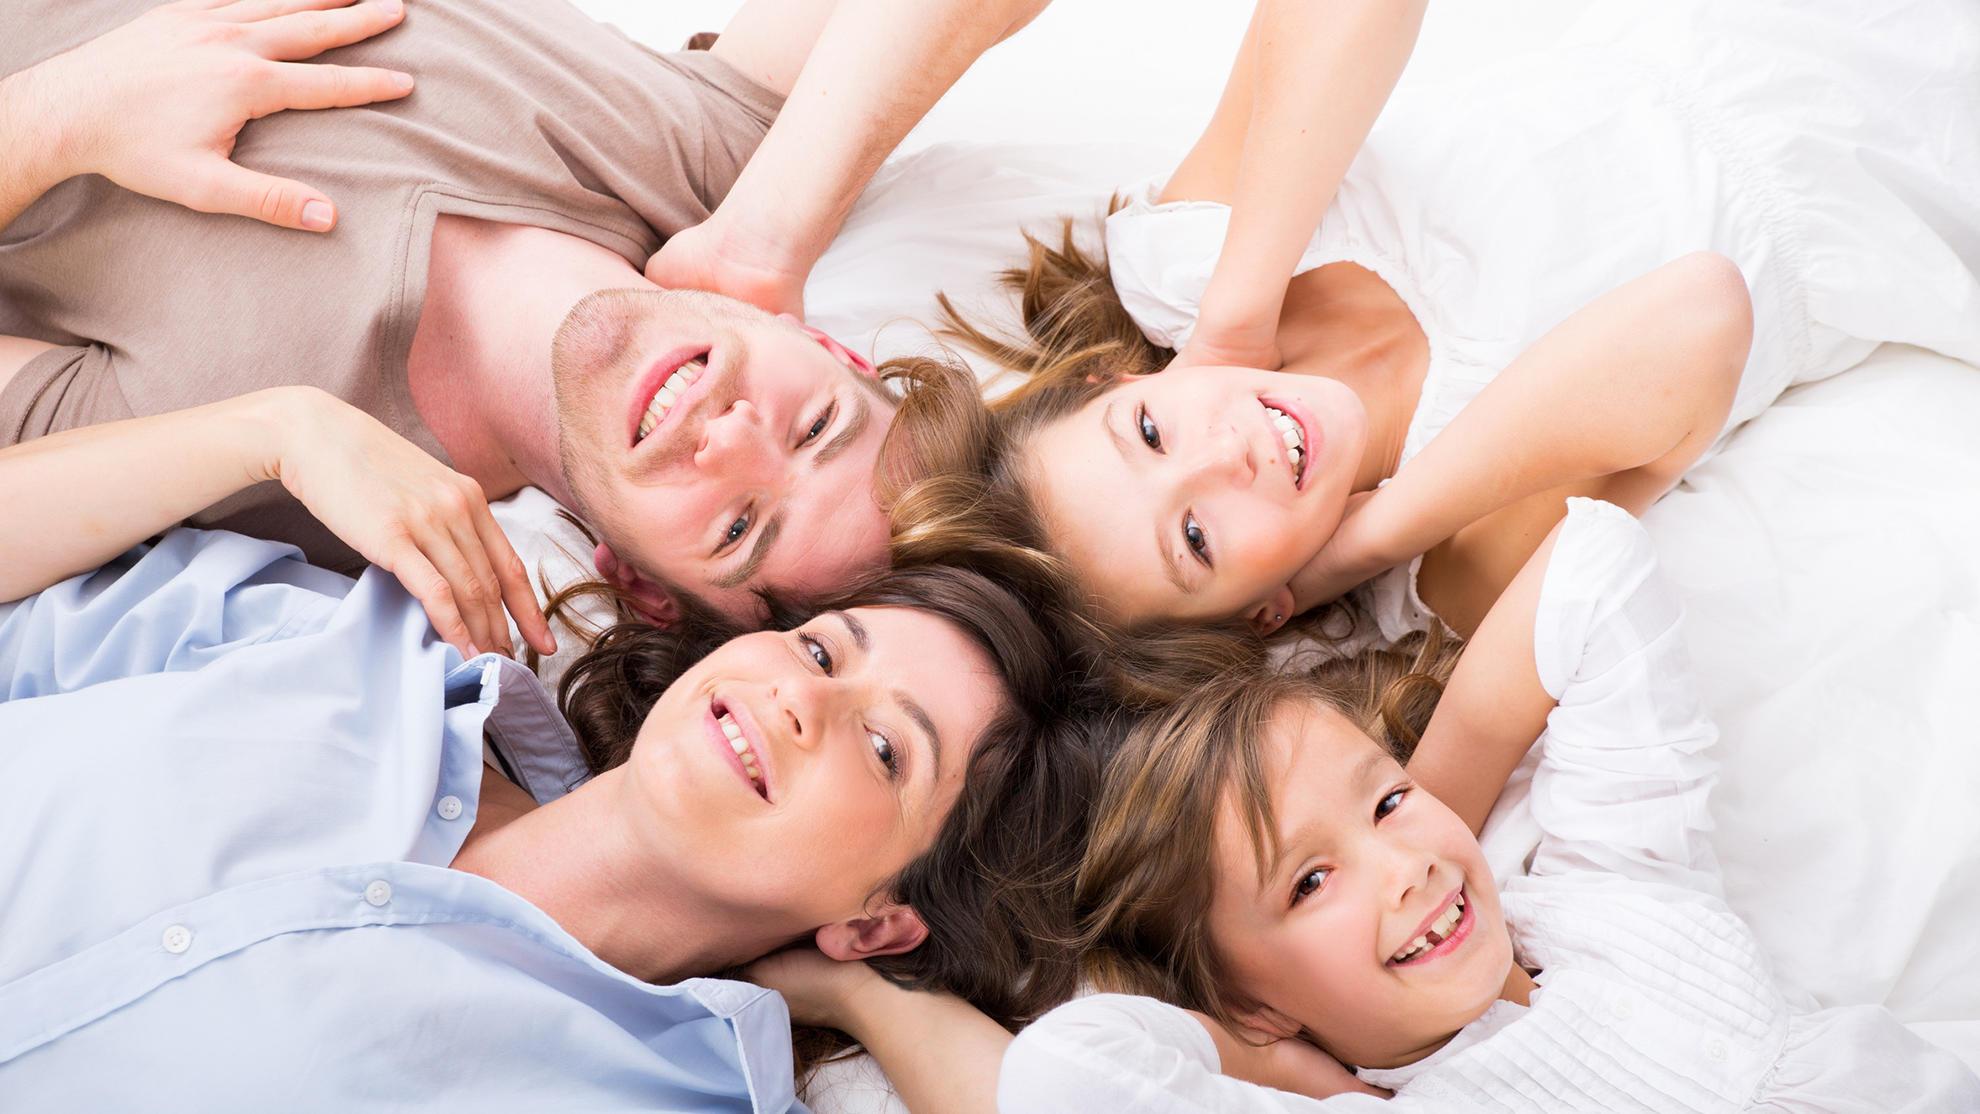 Family Offer offer details